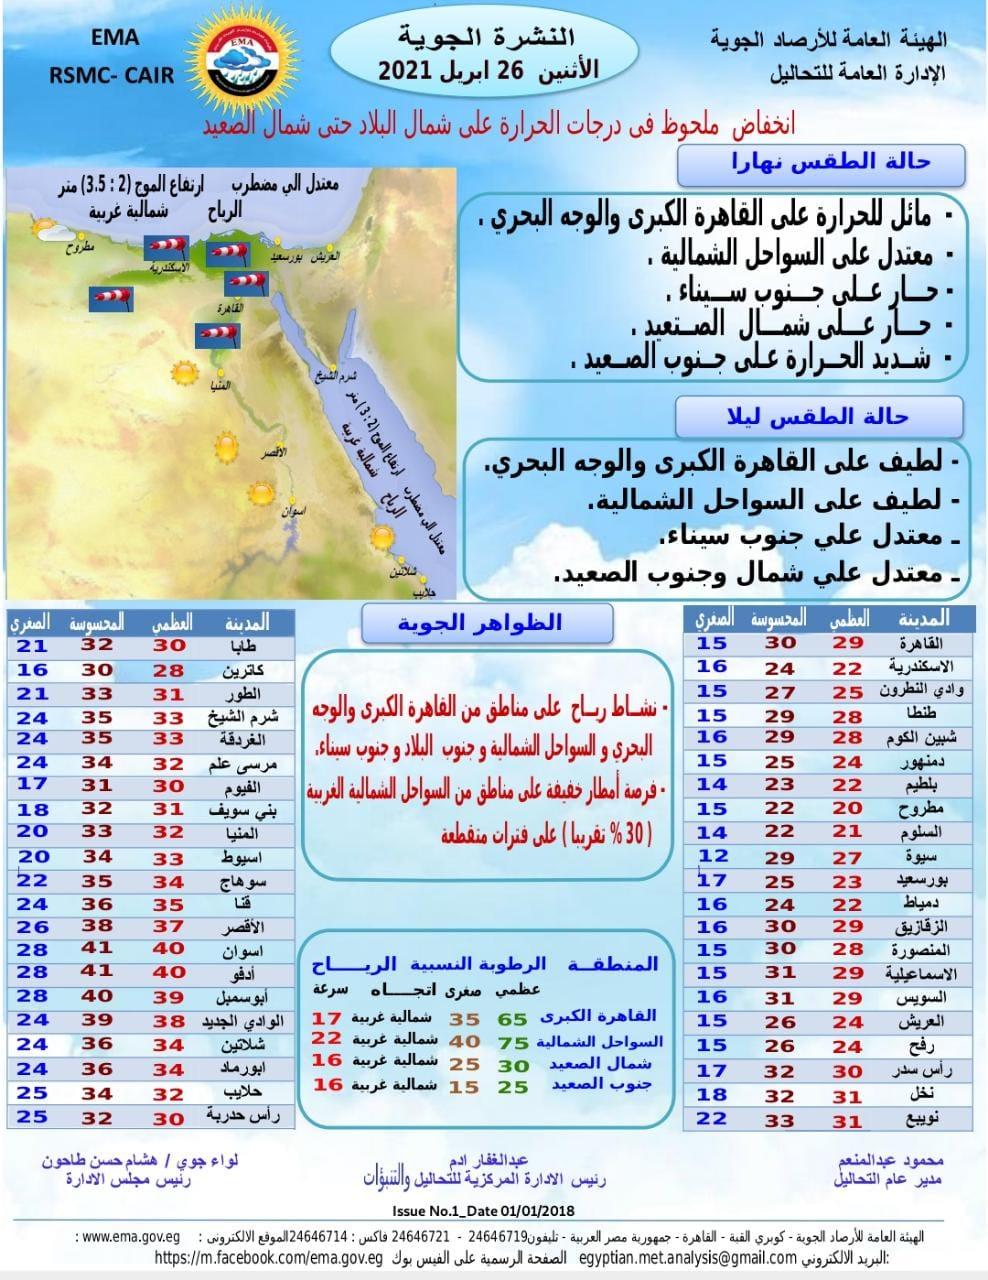 الأرصاد تتوقع طقس غدًا الاثنين 26 إبريل .. والعظمى في القاهرة 29 1